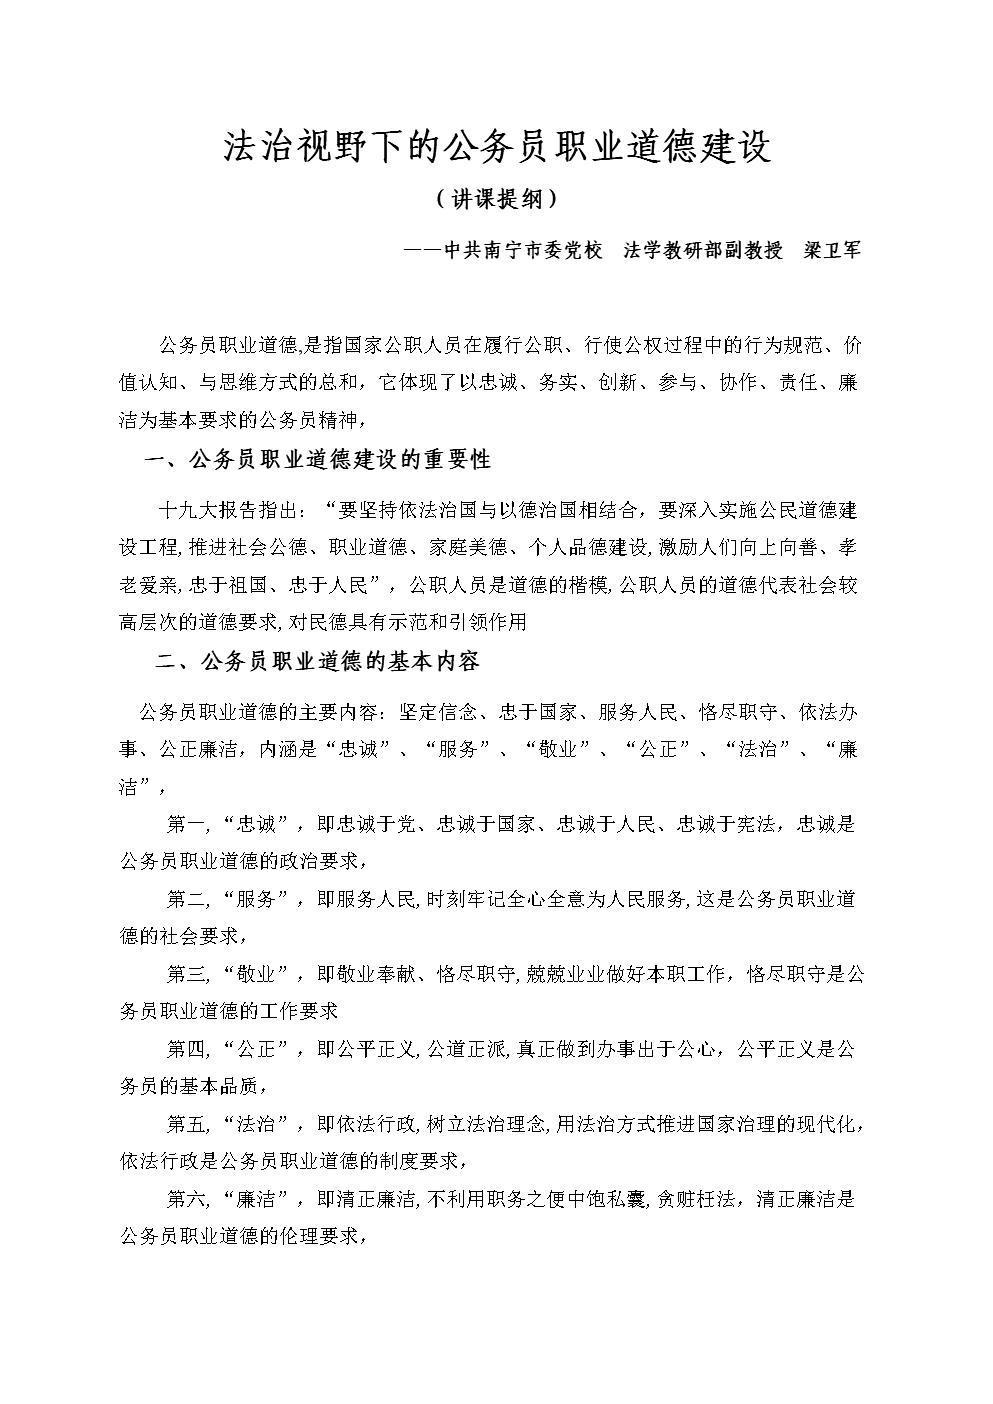 法治视野下的公务员职业道德建设(讲课提纲).doc